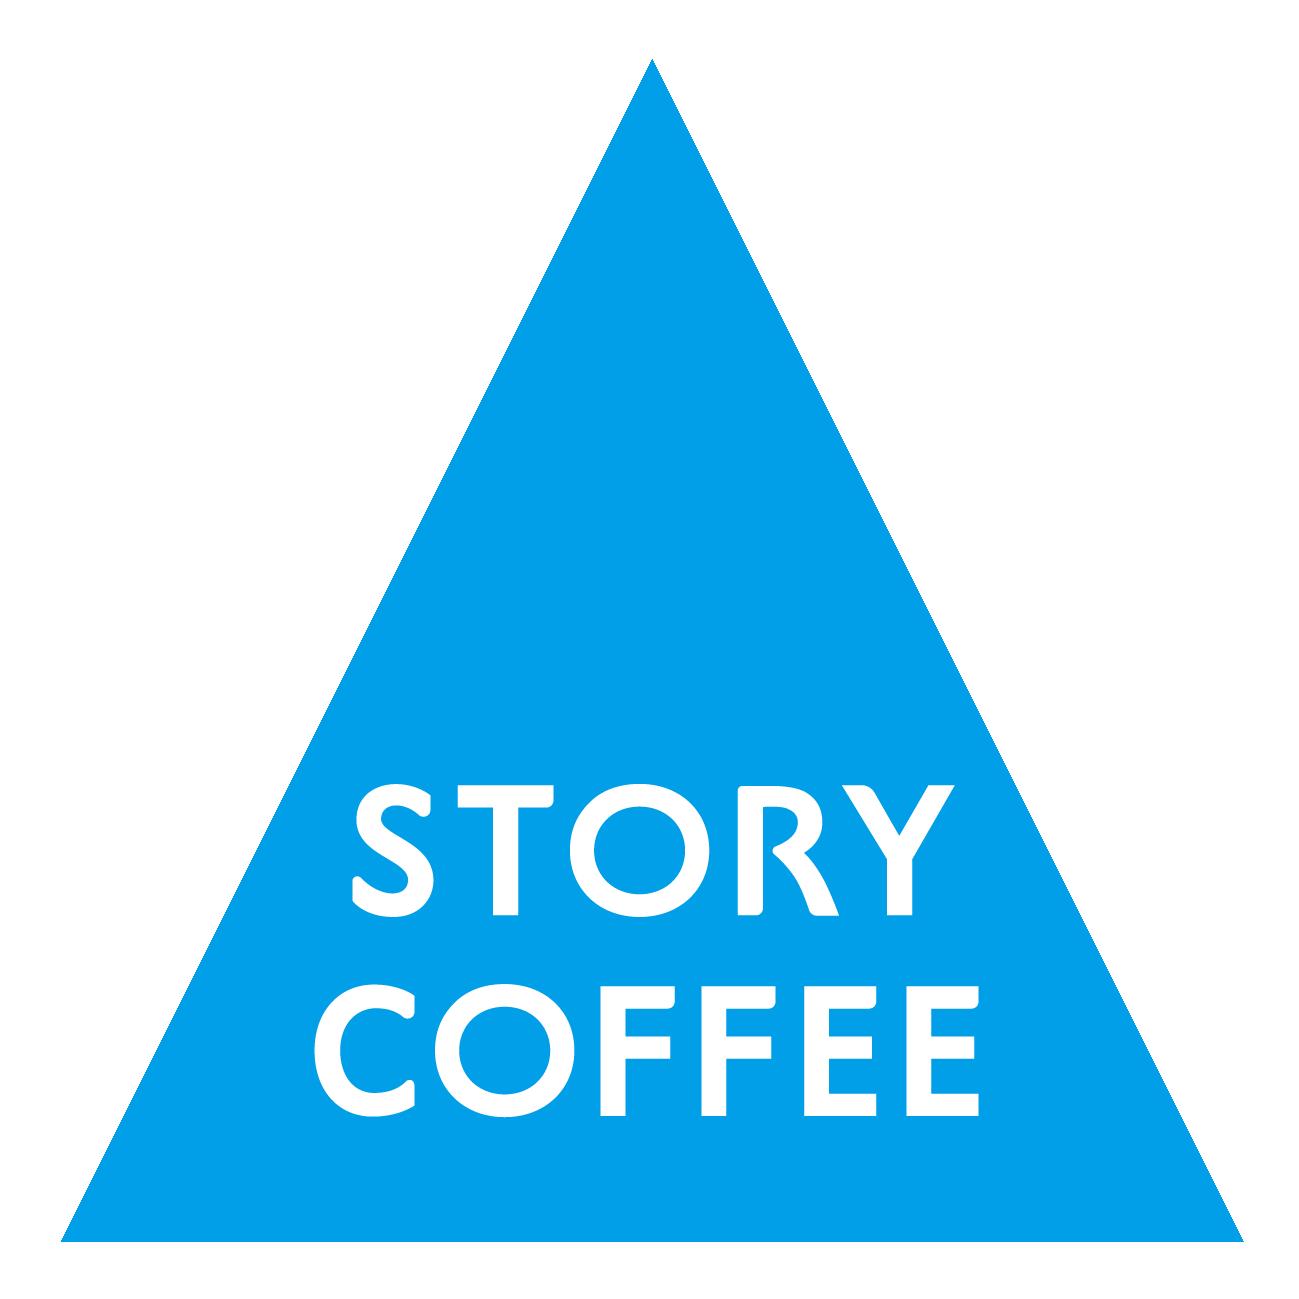 飲食業とロゴタイプ(文字のみのデザイン)と青のロゴ